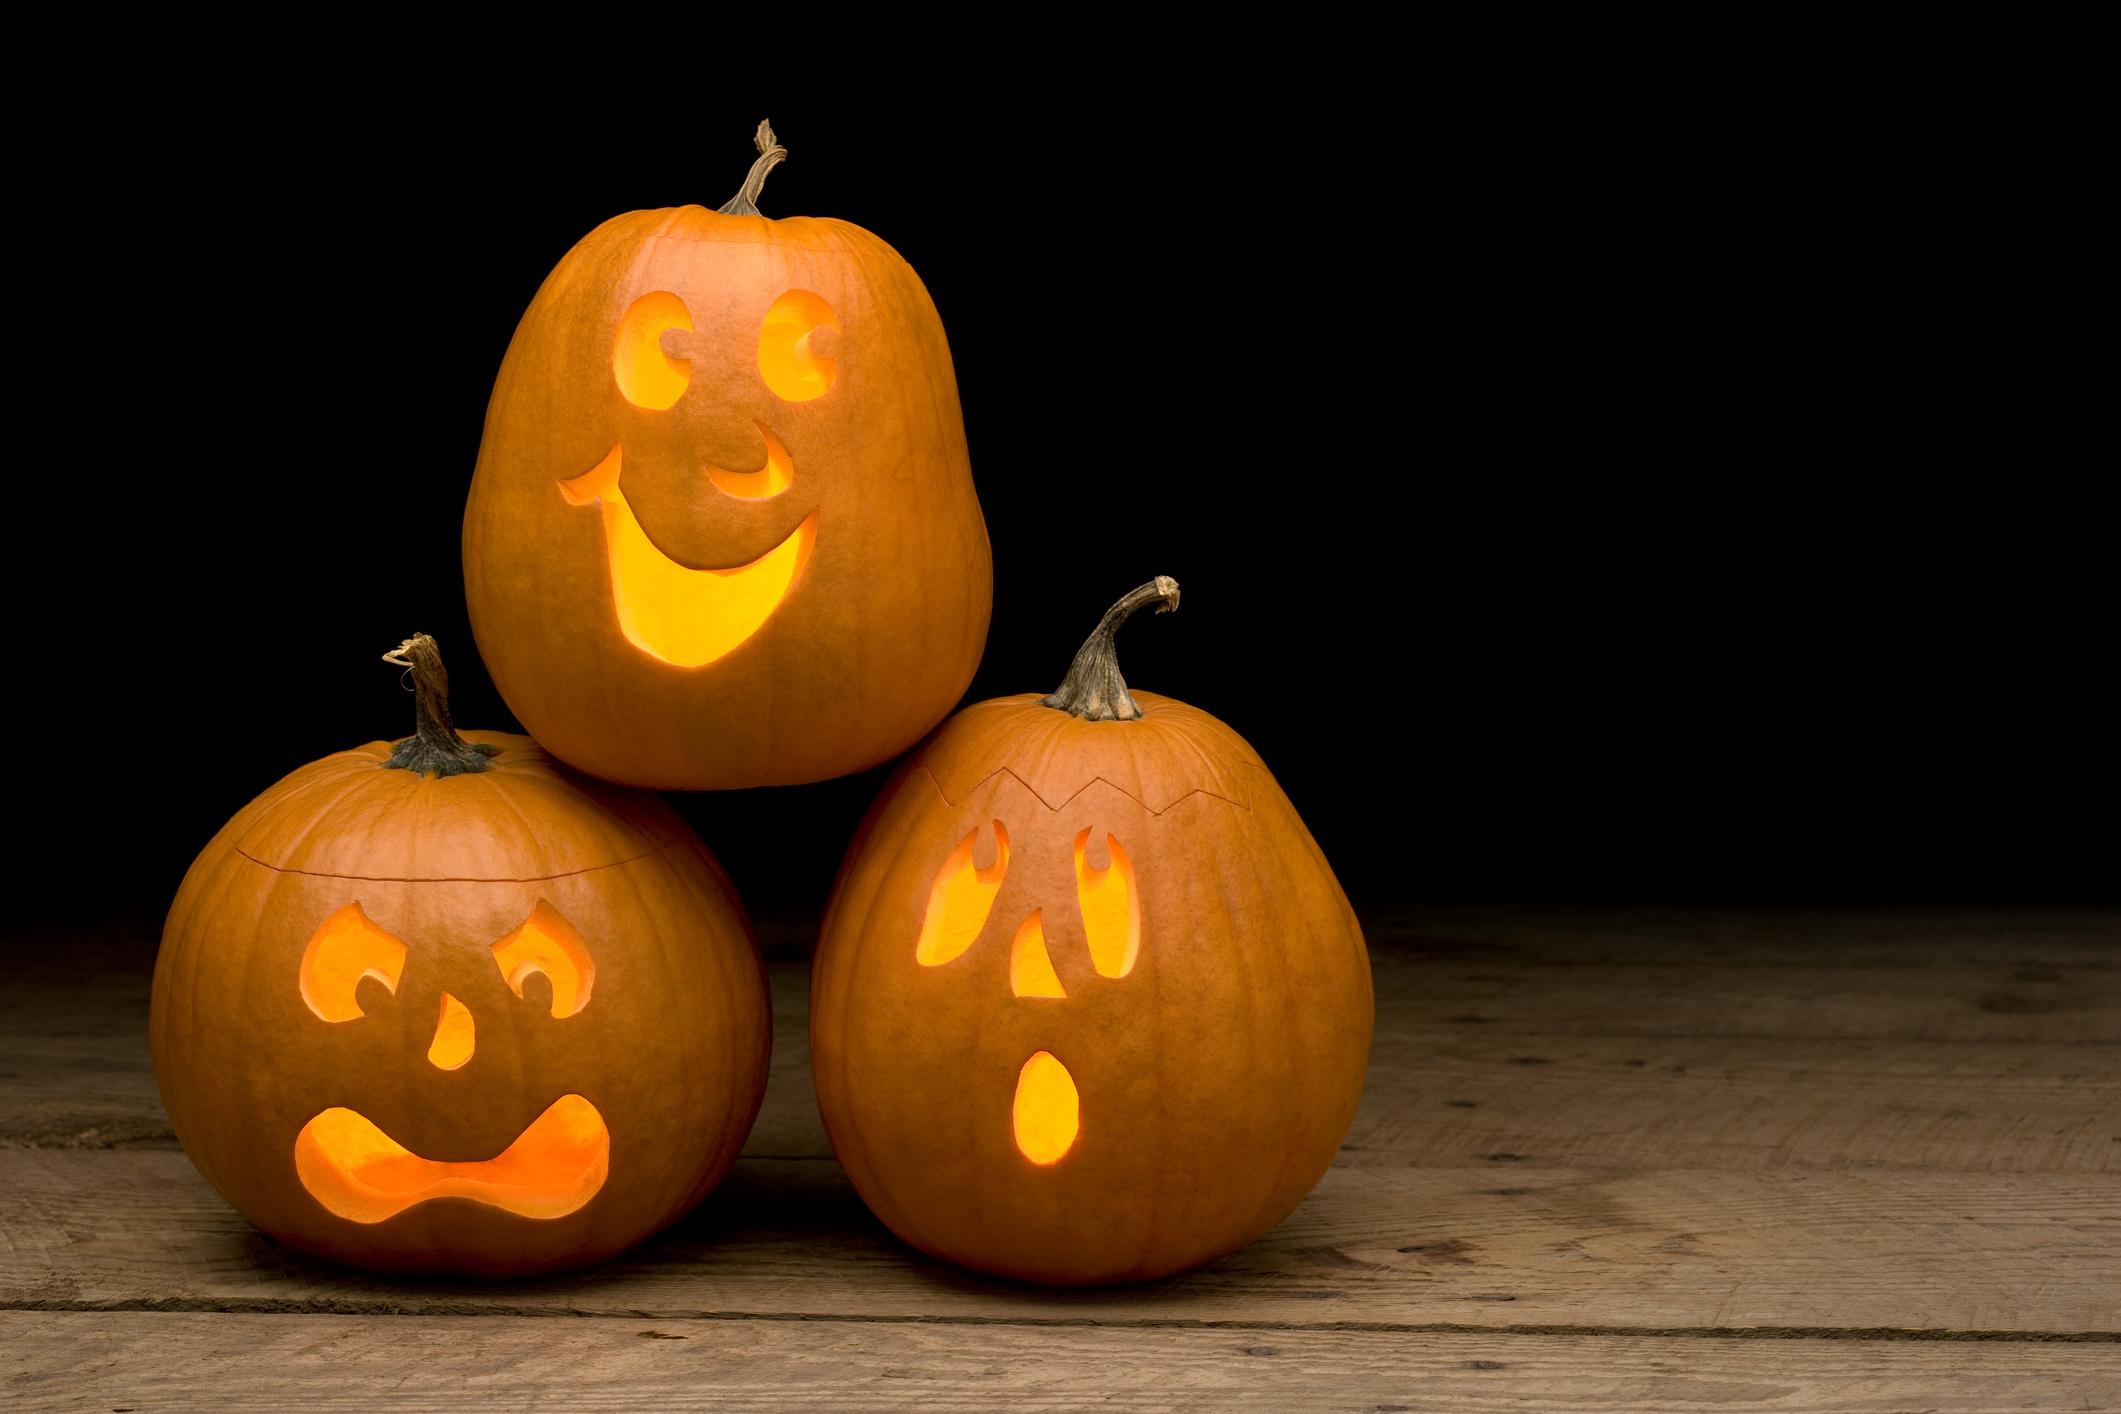 Ijesztő, de már megint itt a Halloween!